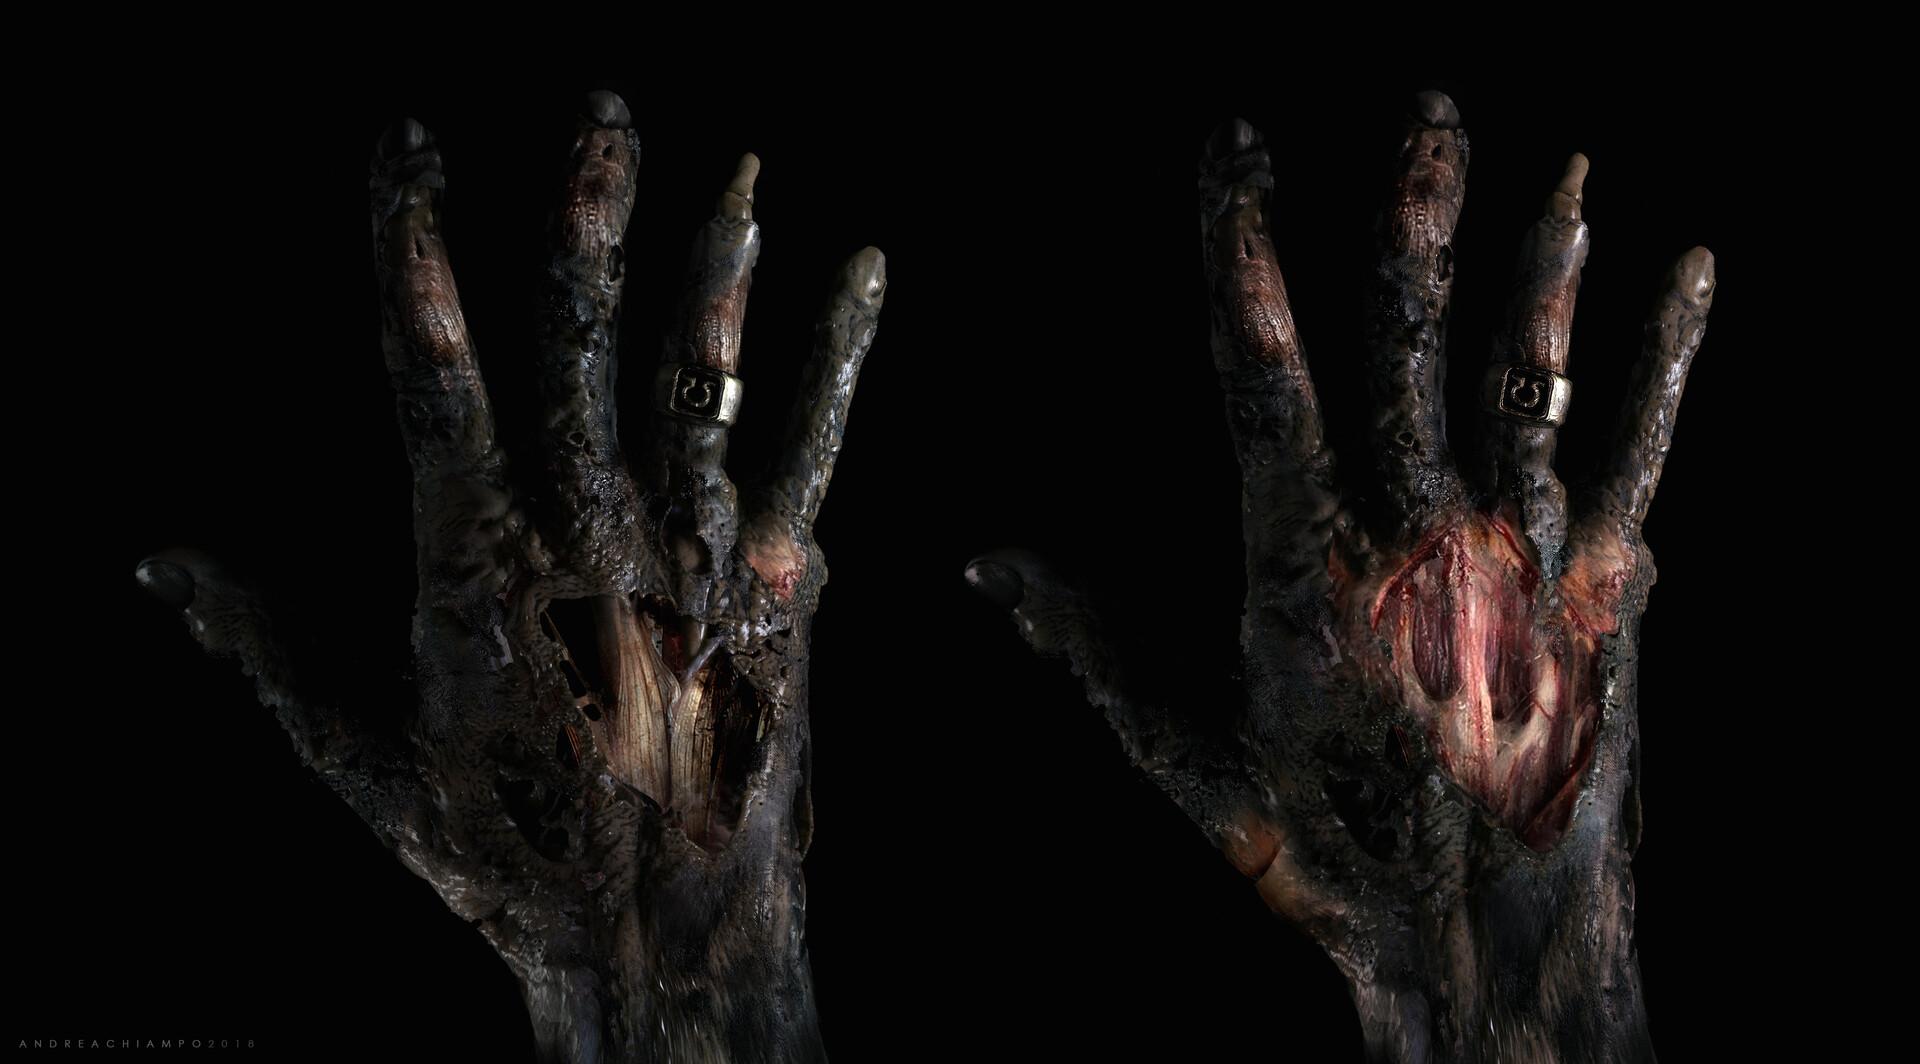 Andrea chiampo andrea chiampo mummy hand concept second 1